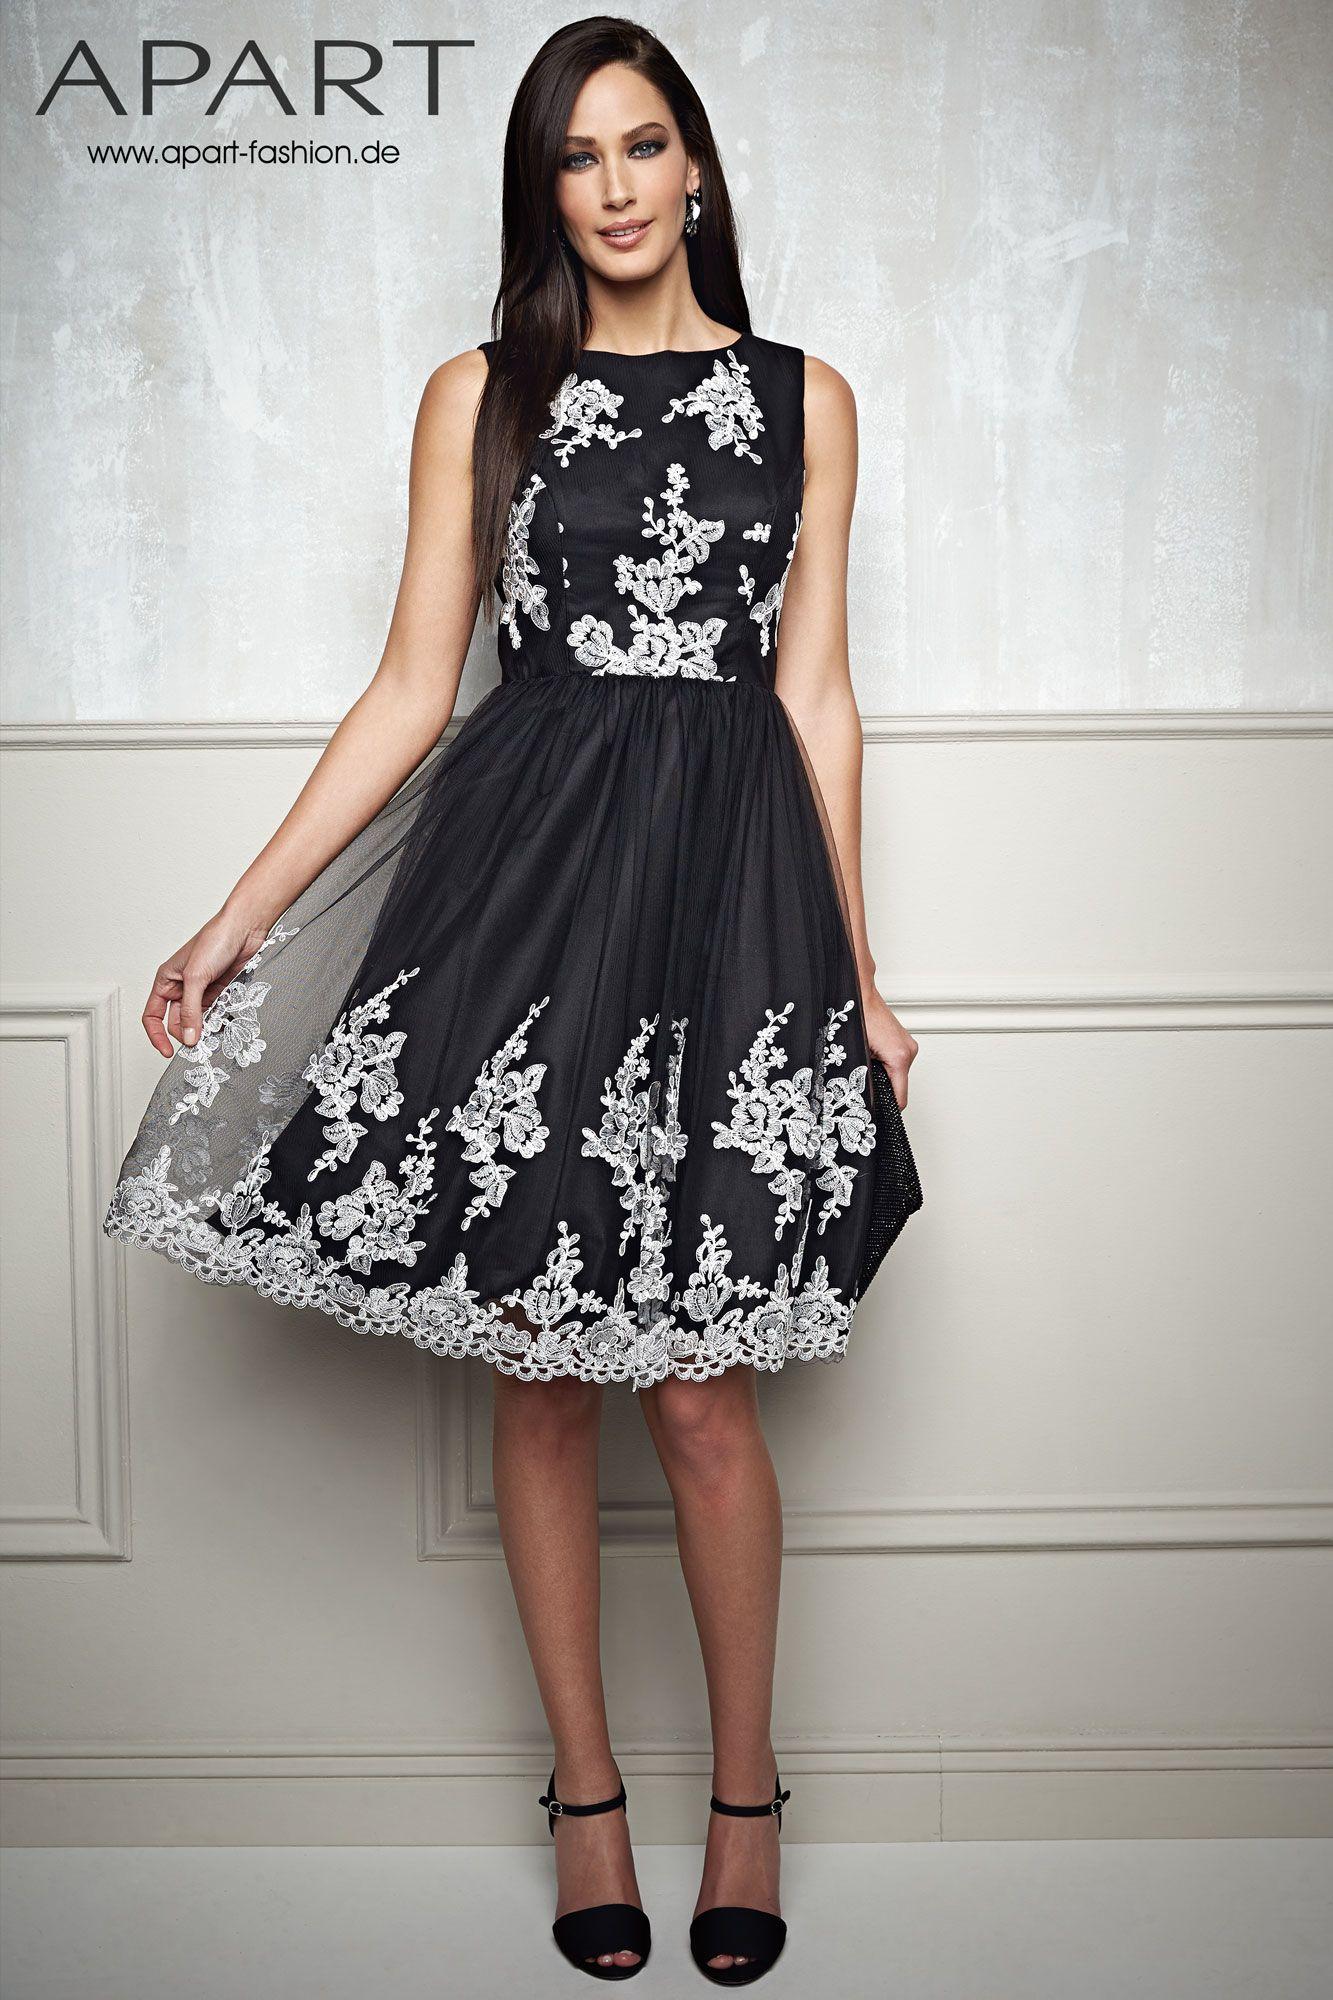 http://www.apart-fashion.de/bekleidung/abendmode/19-tullkleid